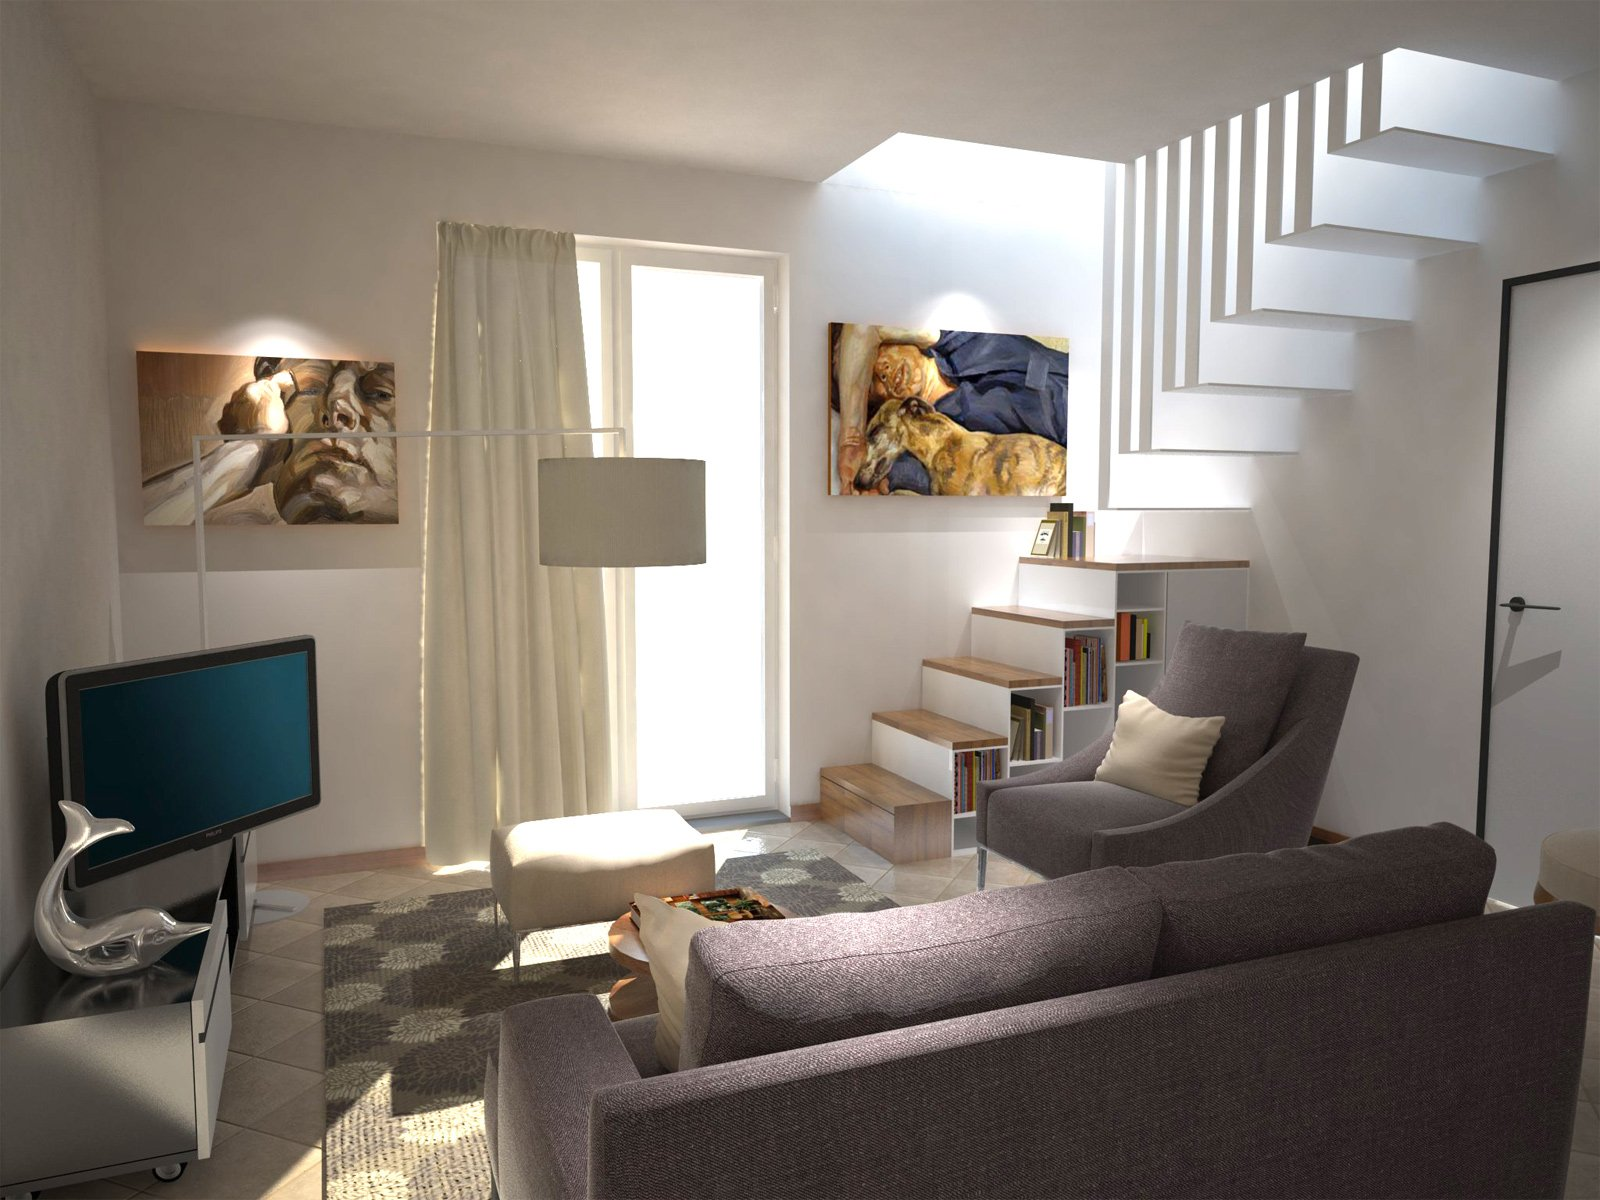 Arredare un soggiorno con tante aperture sulle pareti for Arredo soggiorno